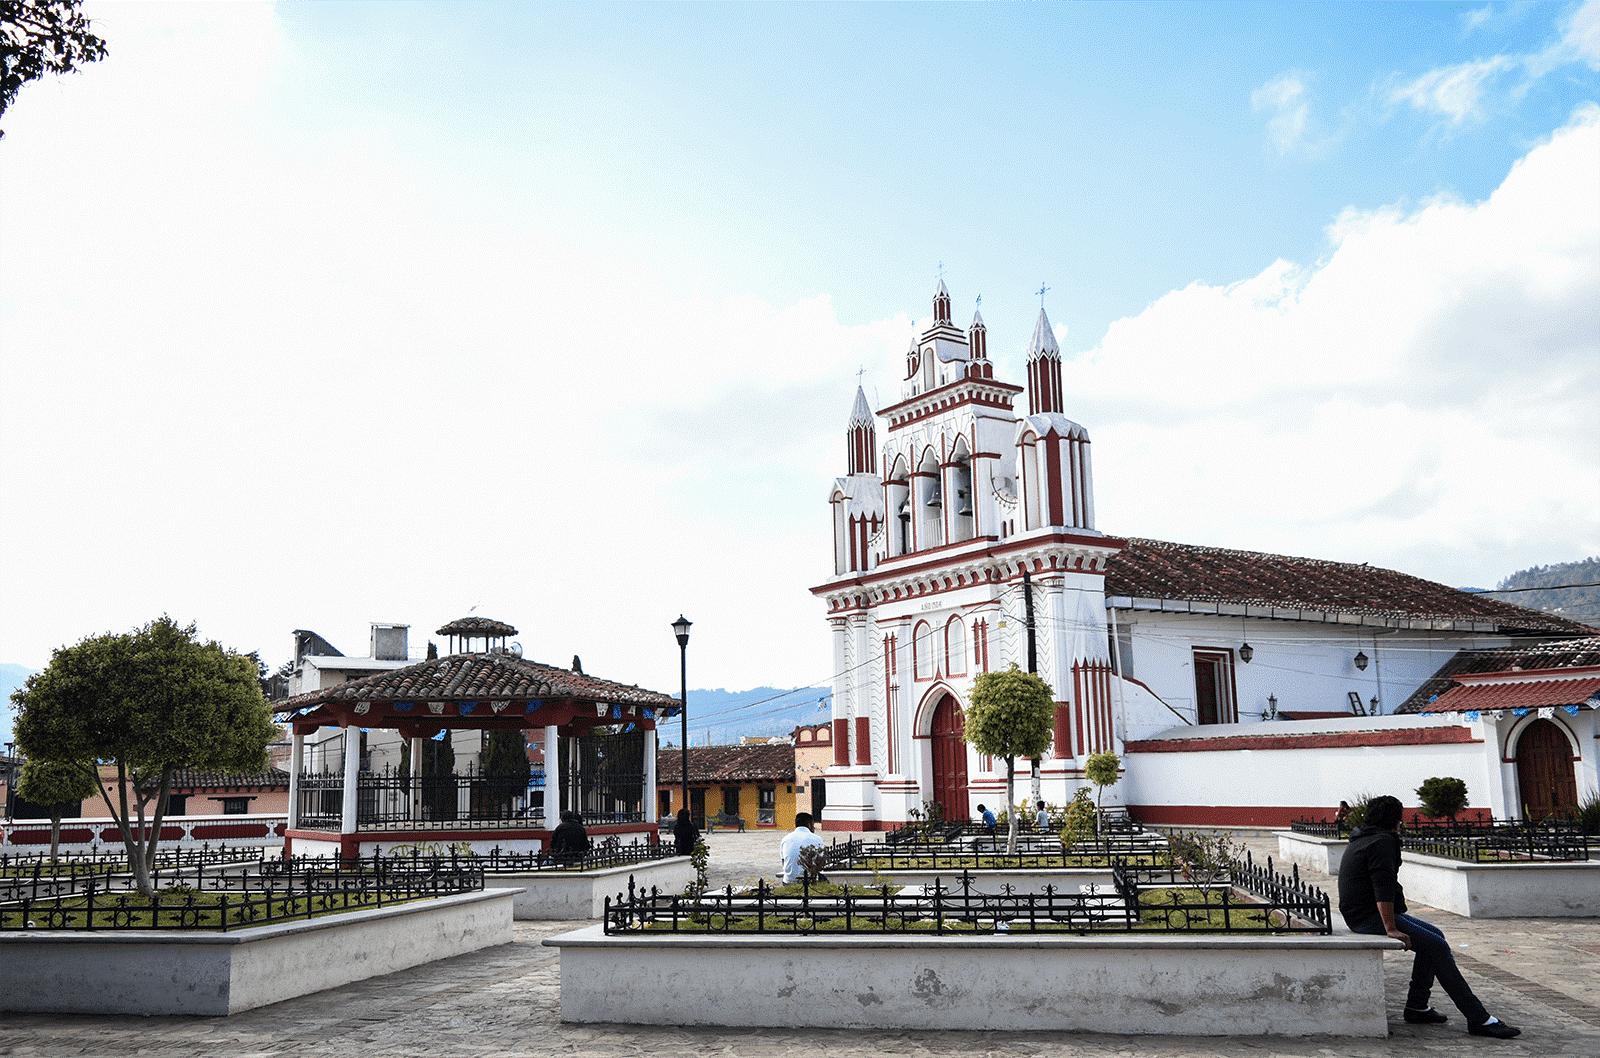 Una aproximación a las plazas actuales del Centro Histórico de San Cristóbal  de Las Casas, Chiapas / The current squares of the Historical Center in San  Cristóbal de Las Casas, Chiapas, an